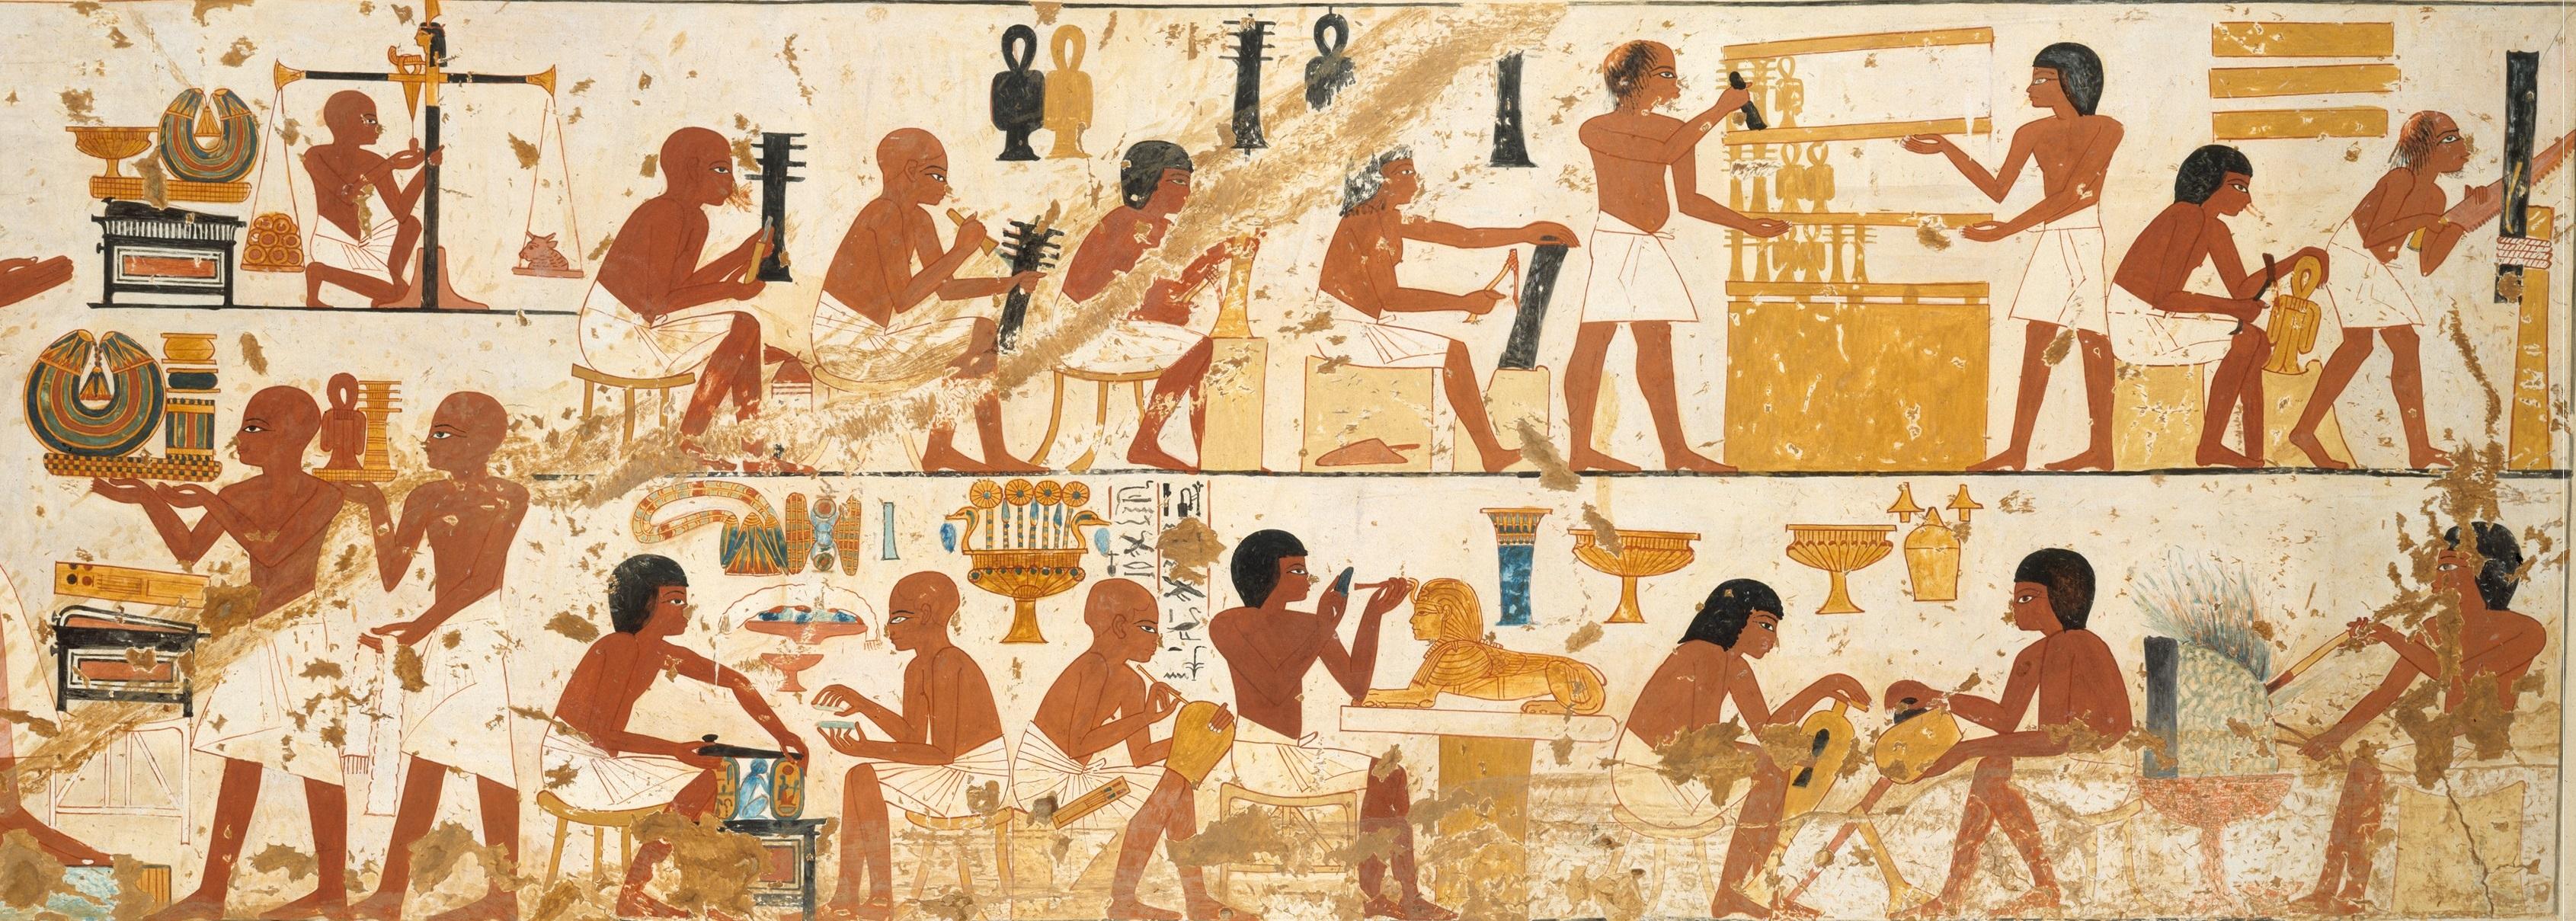 上图:古埃及第十八王朝TT181号墓(Tomb of Nebamun and Ipuky,主前1390-1349年)壁画上工匠的工作场面,现藏于纽约大都会博物馆。